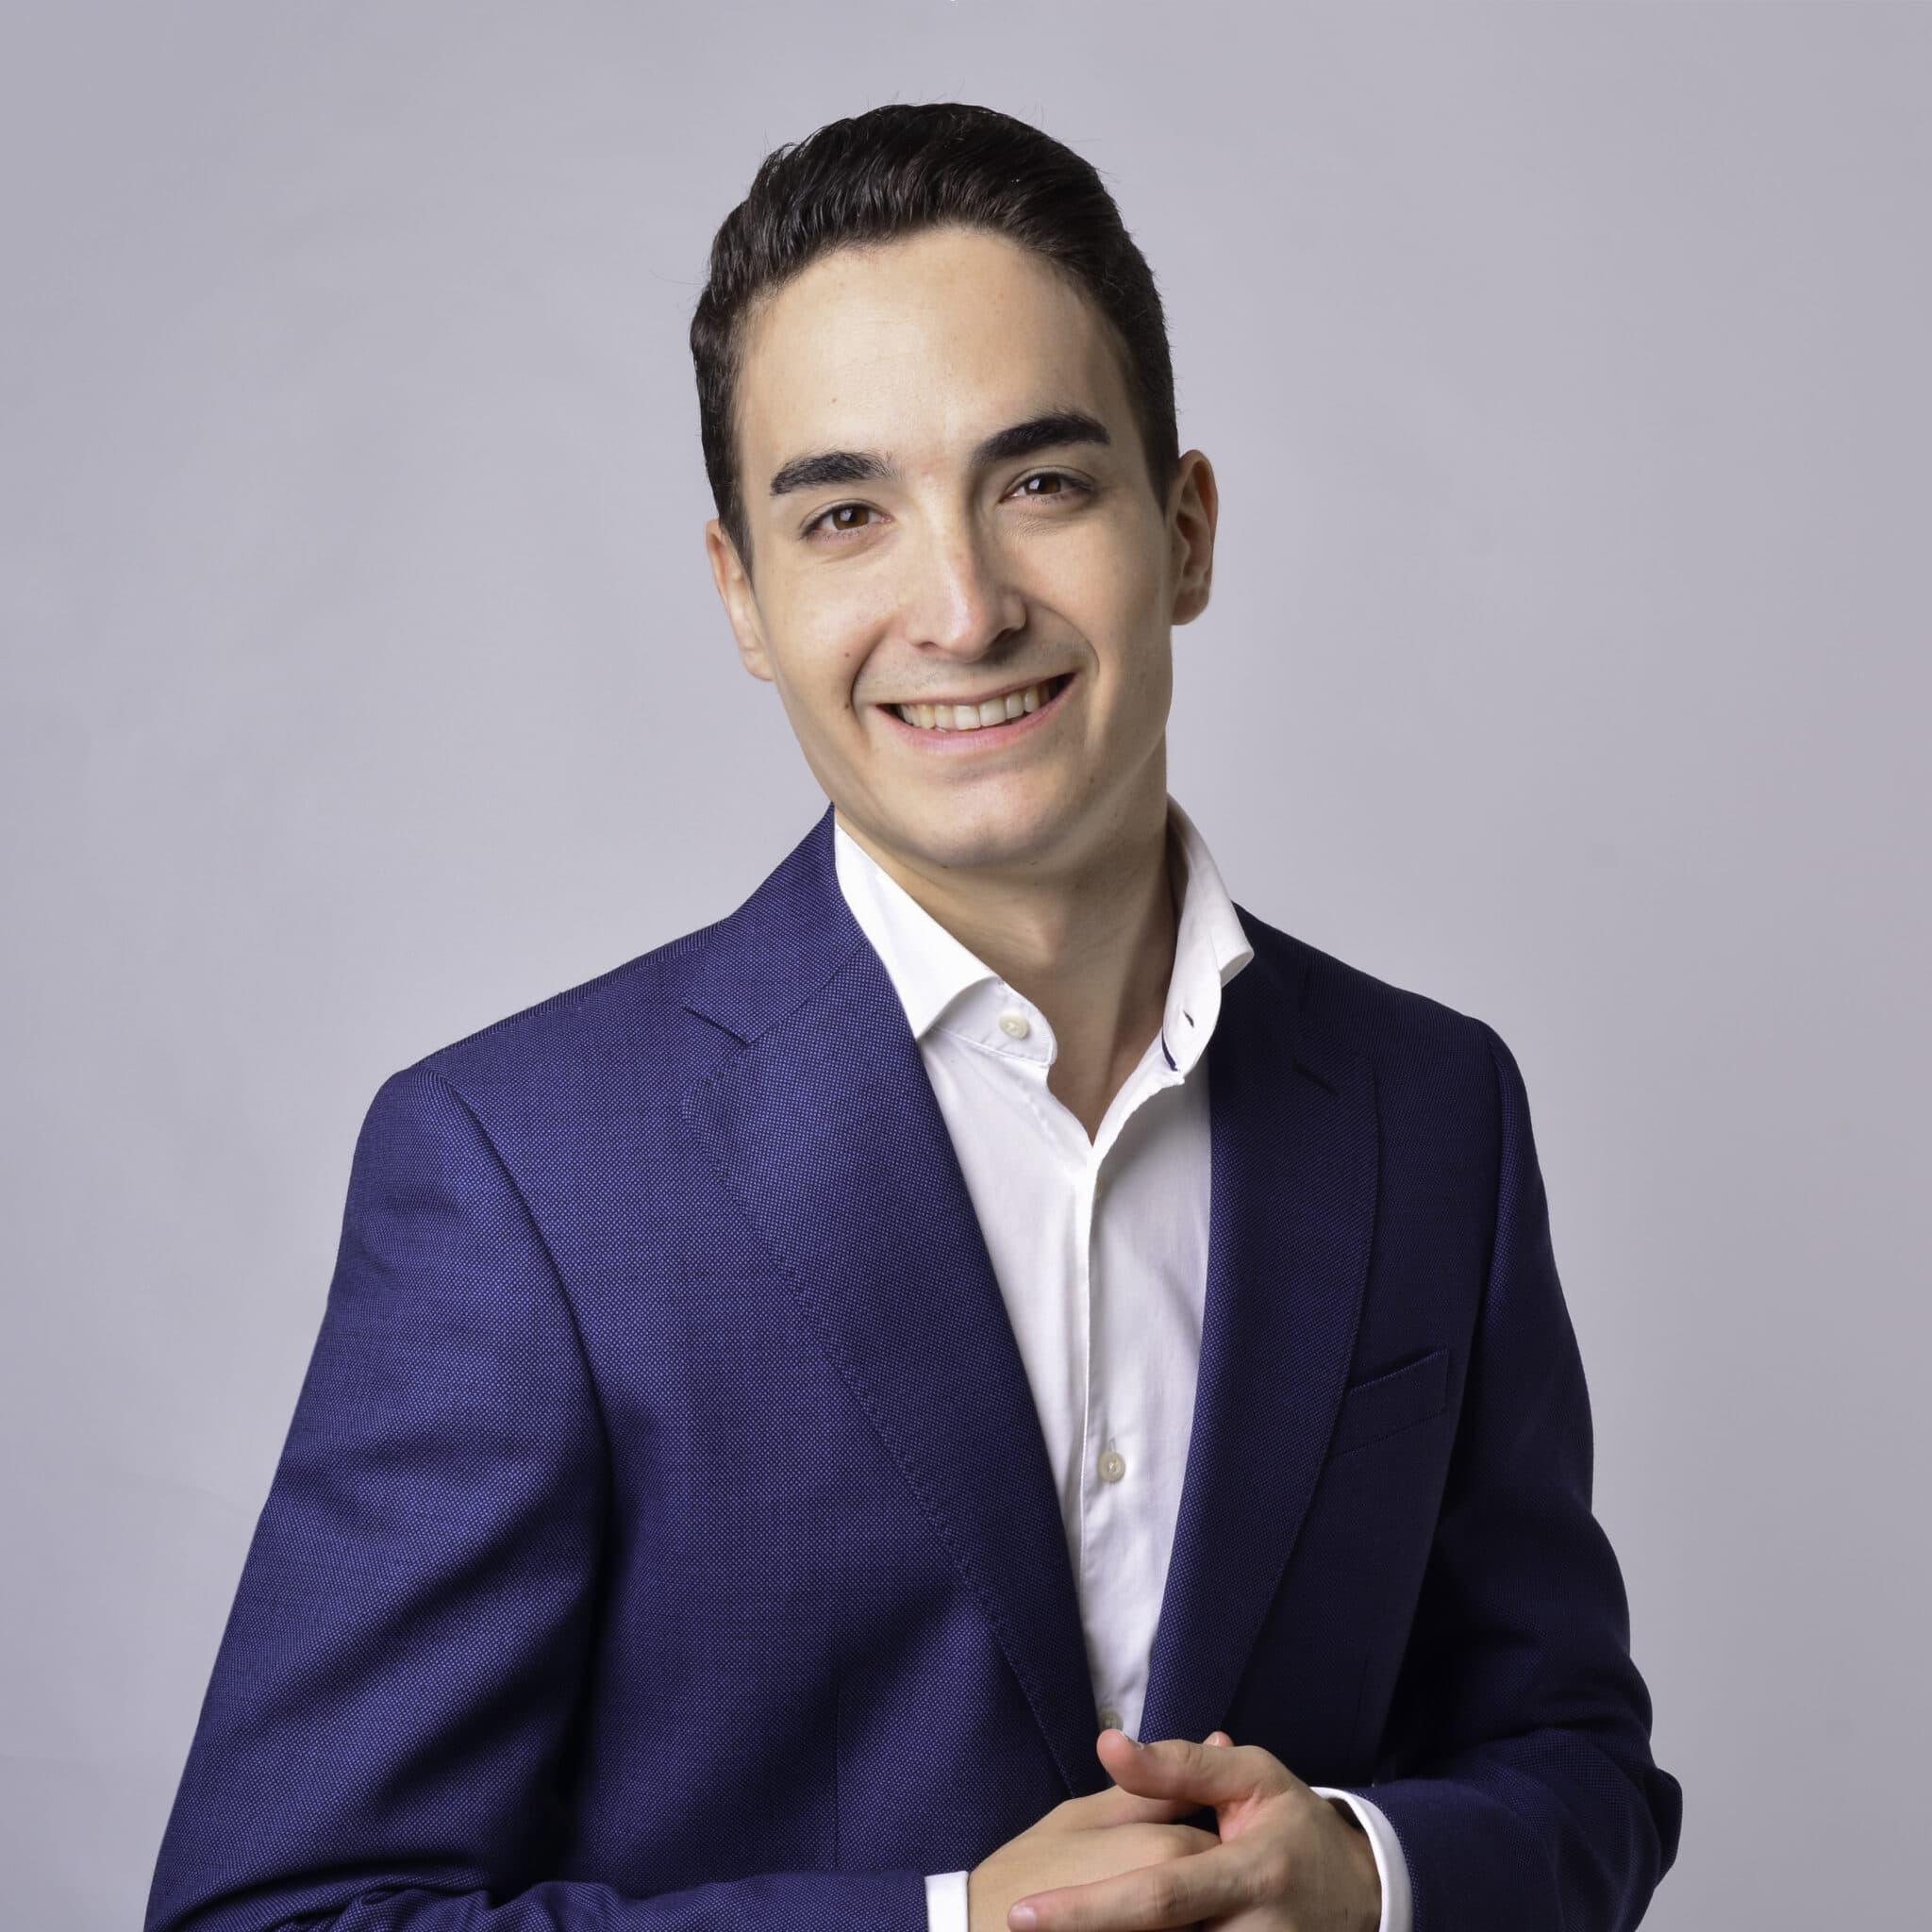 Rubén Rubiales Lesielle